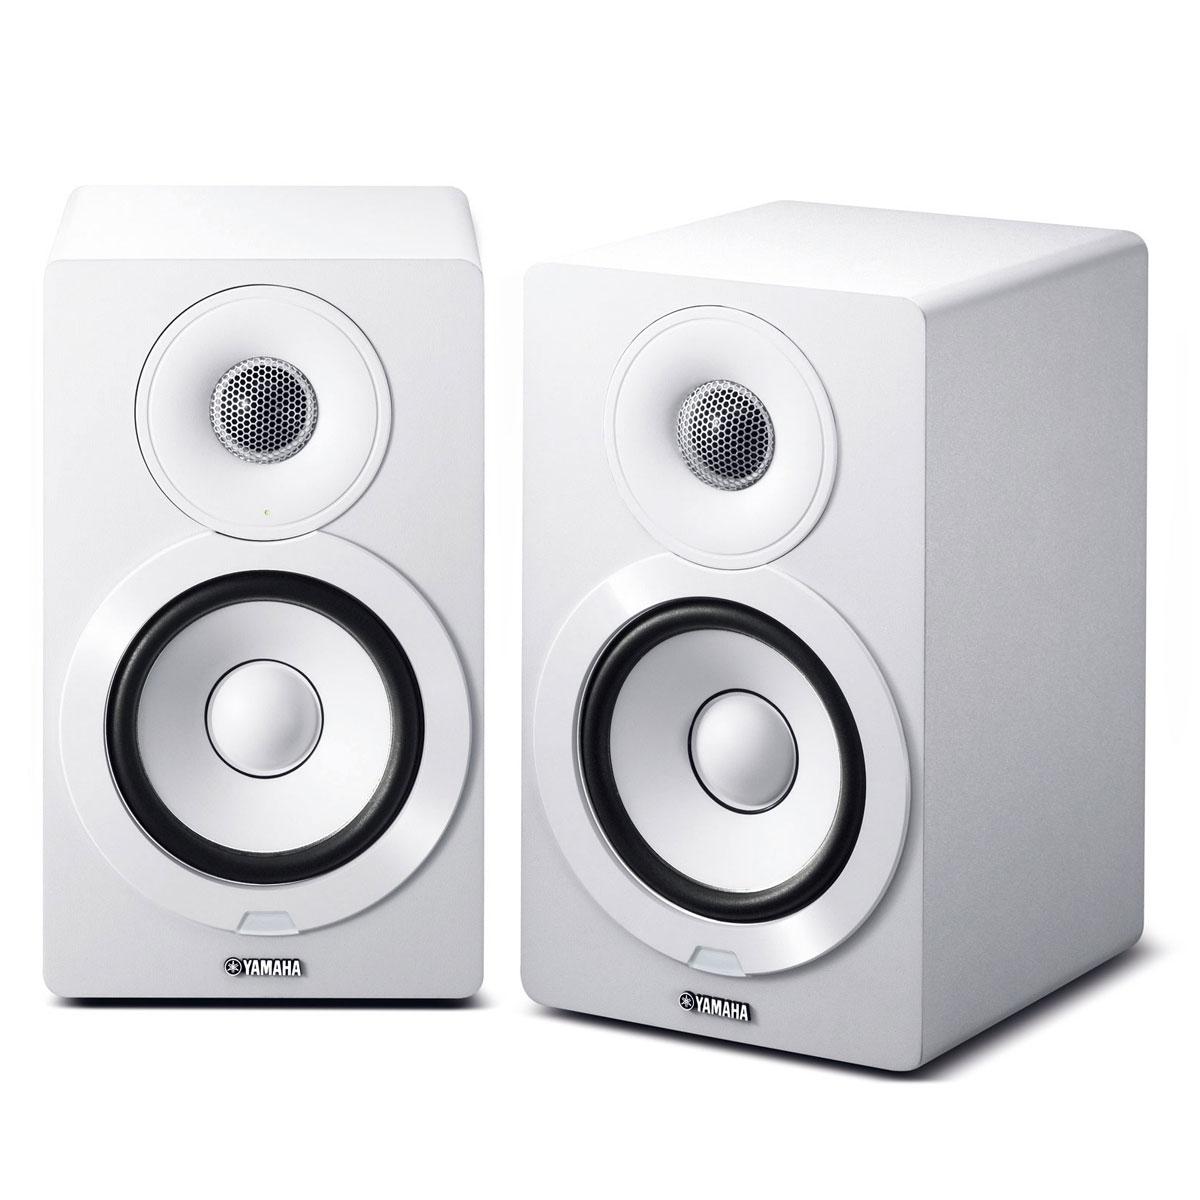 Yamaha NX-N 500 weiss Paar Wireless-Lautsprecher